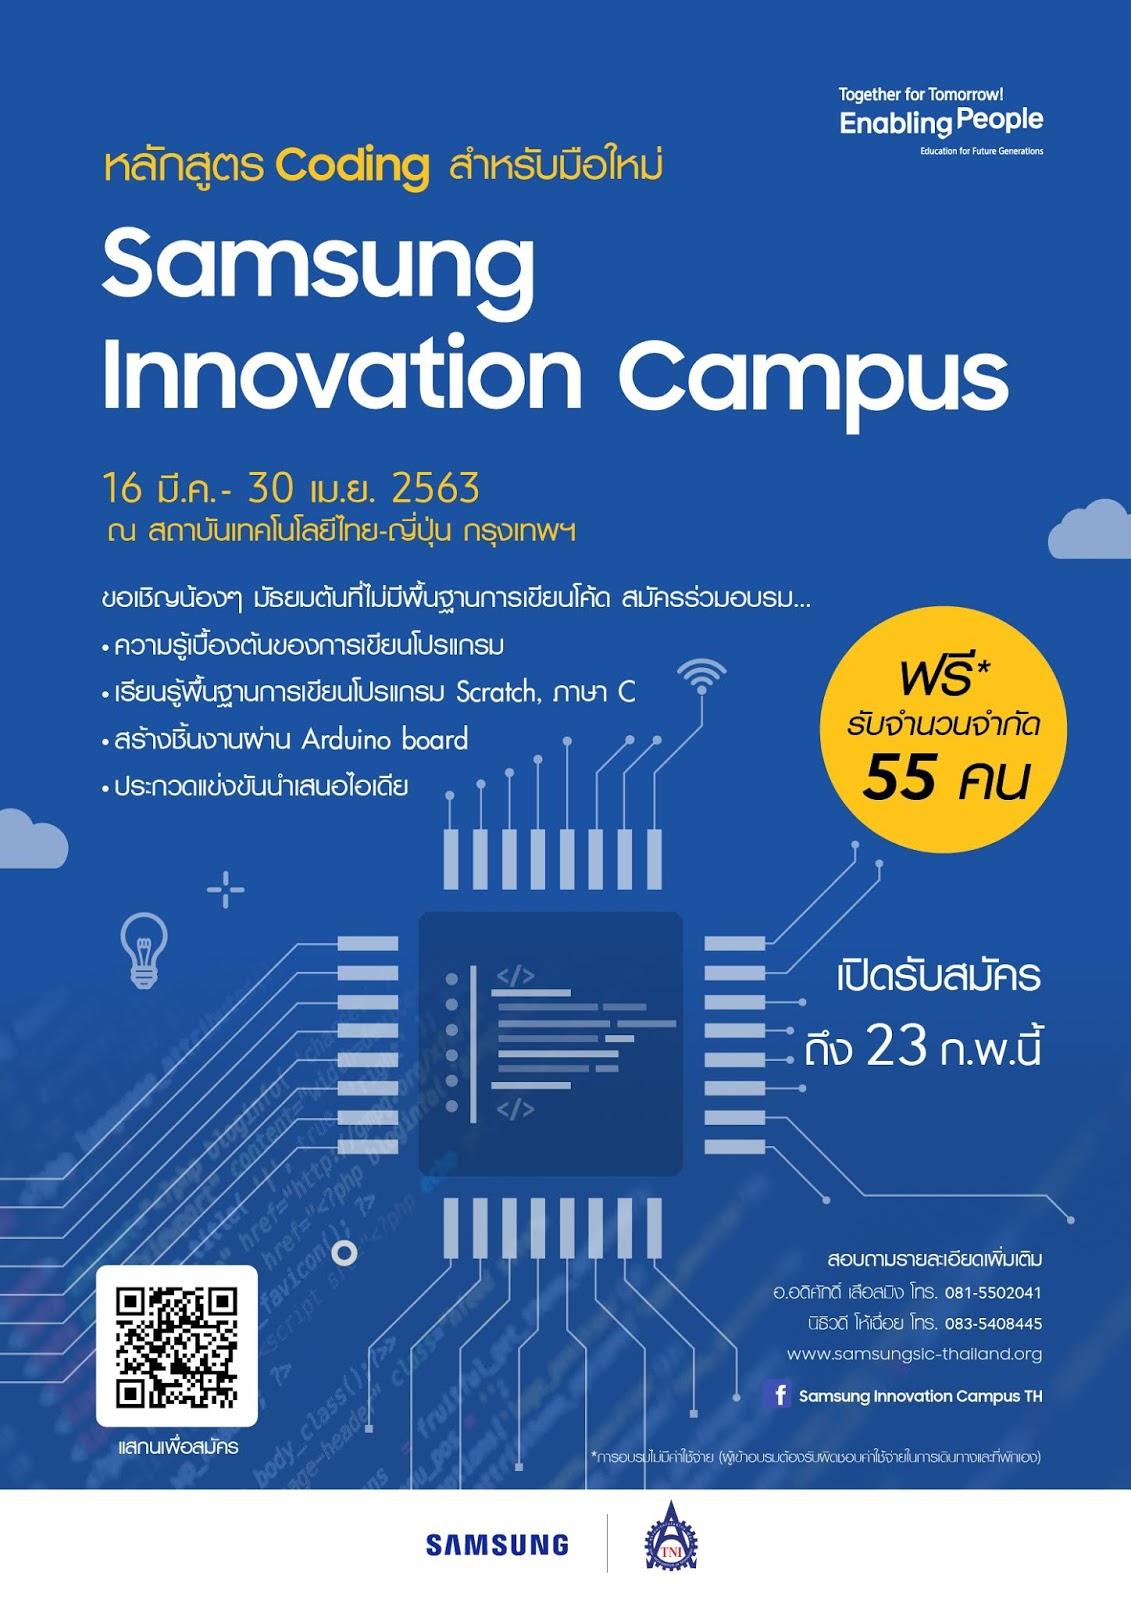 """เปิดรับสมัครแล้ว โครงการ """"Samsung Innovation Campus""""คอร์สอบรมโค้ดดิ้งและเขียนโปรแกรมขั้นพื้นฐาน สำหรับน้องๆ ม.ต้น"""